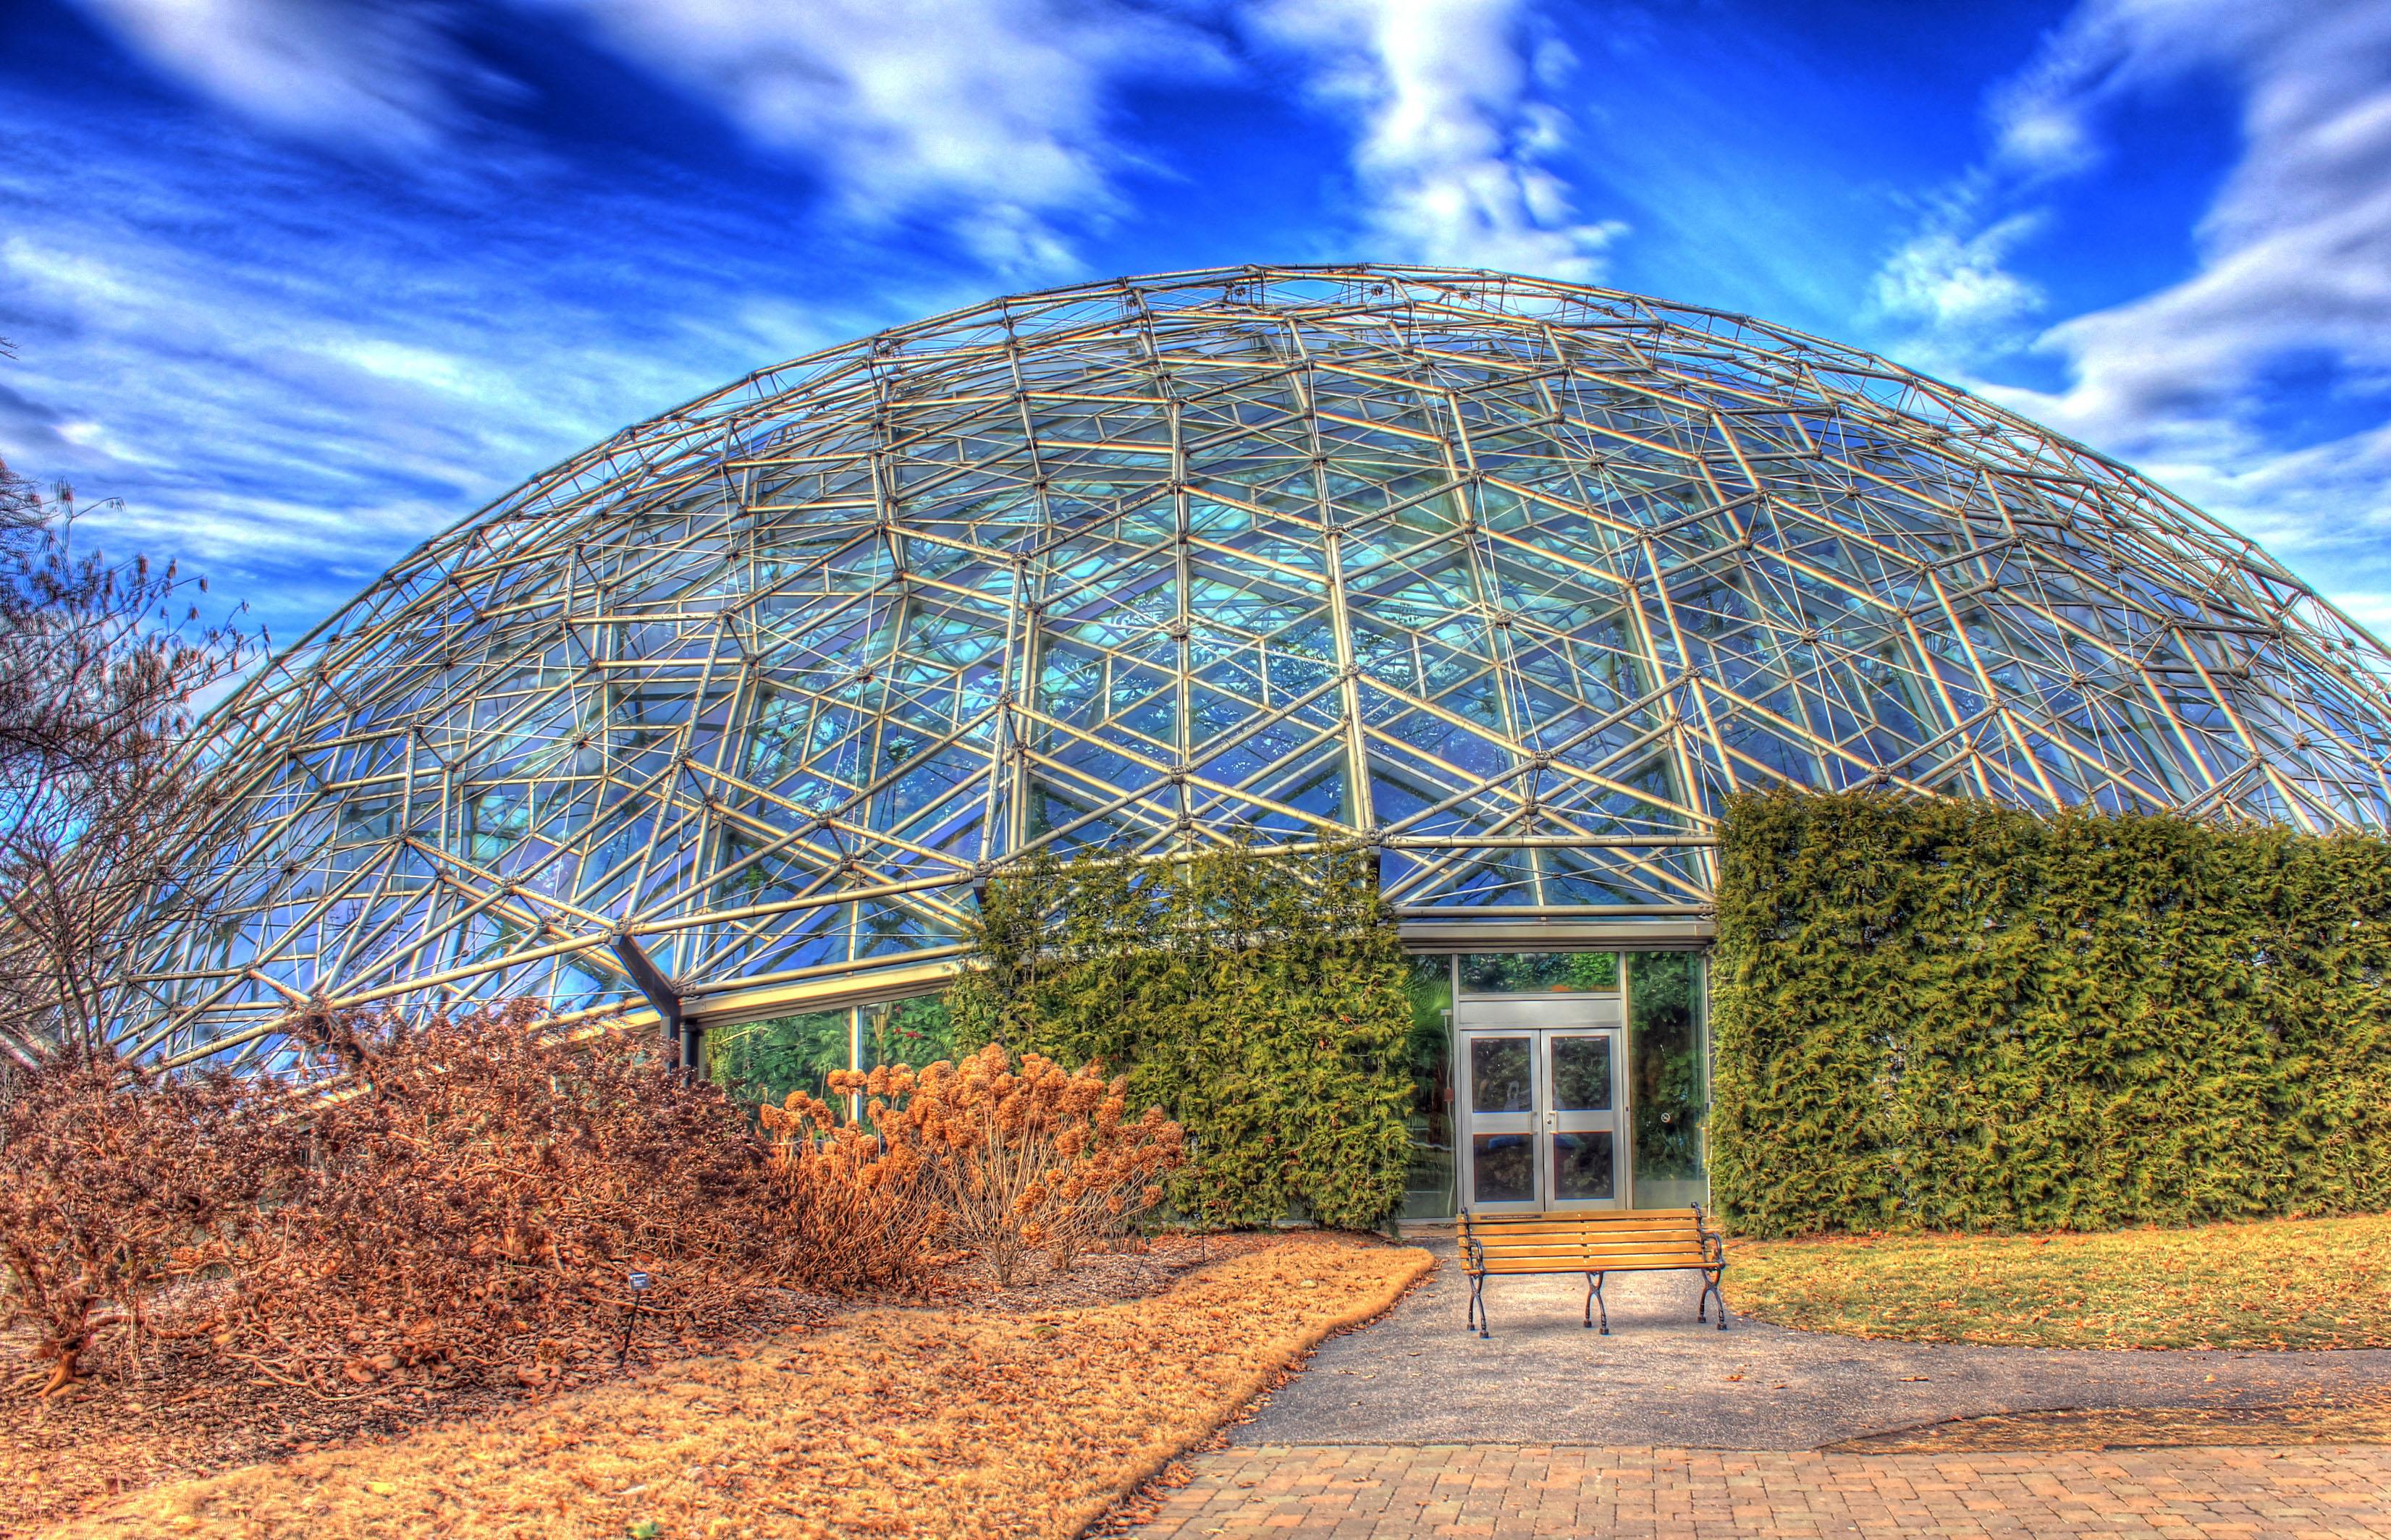 File Gfp St Louis Botanical Gardens Skies Behind Climatron Jpg